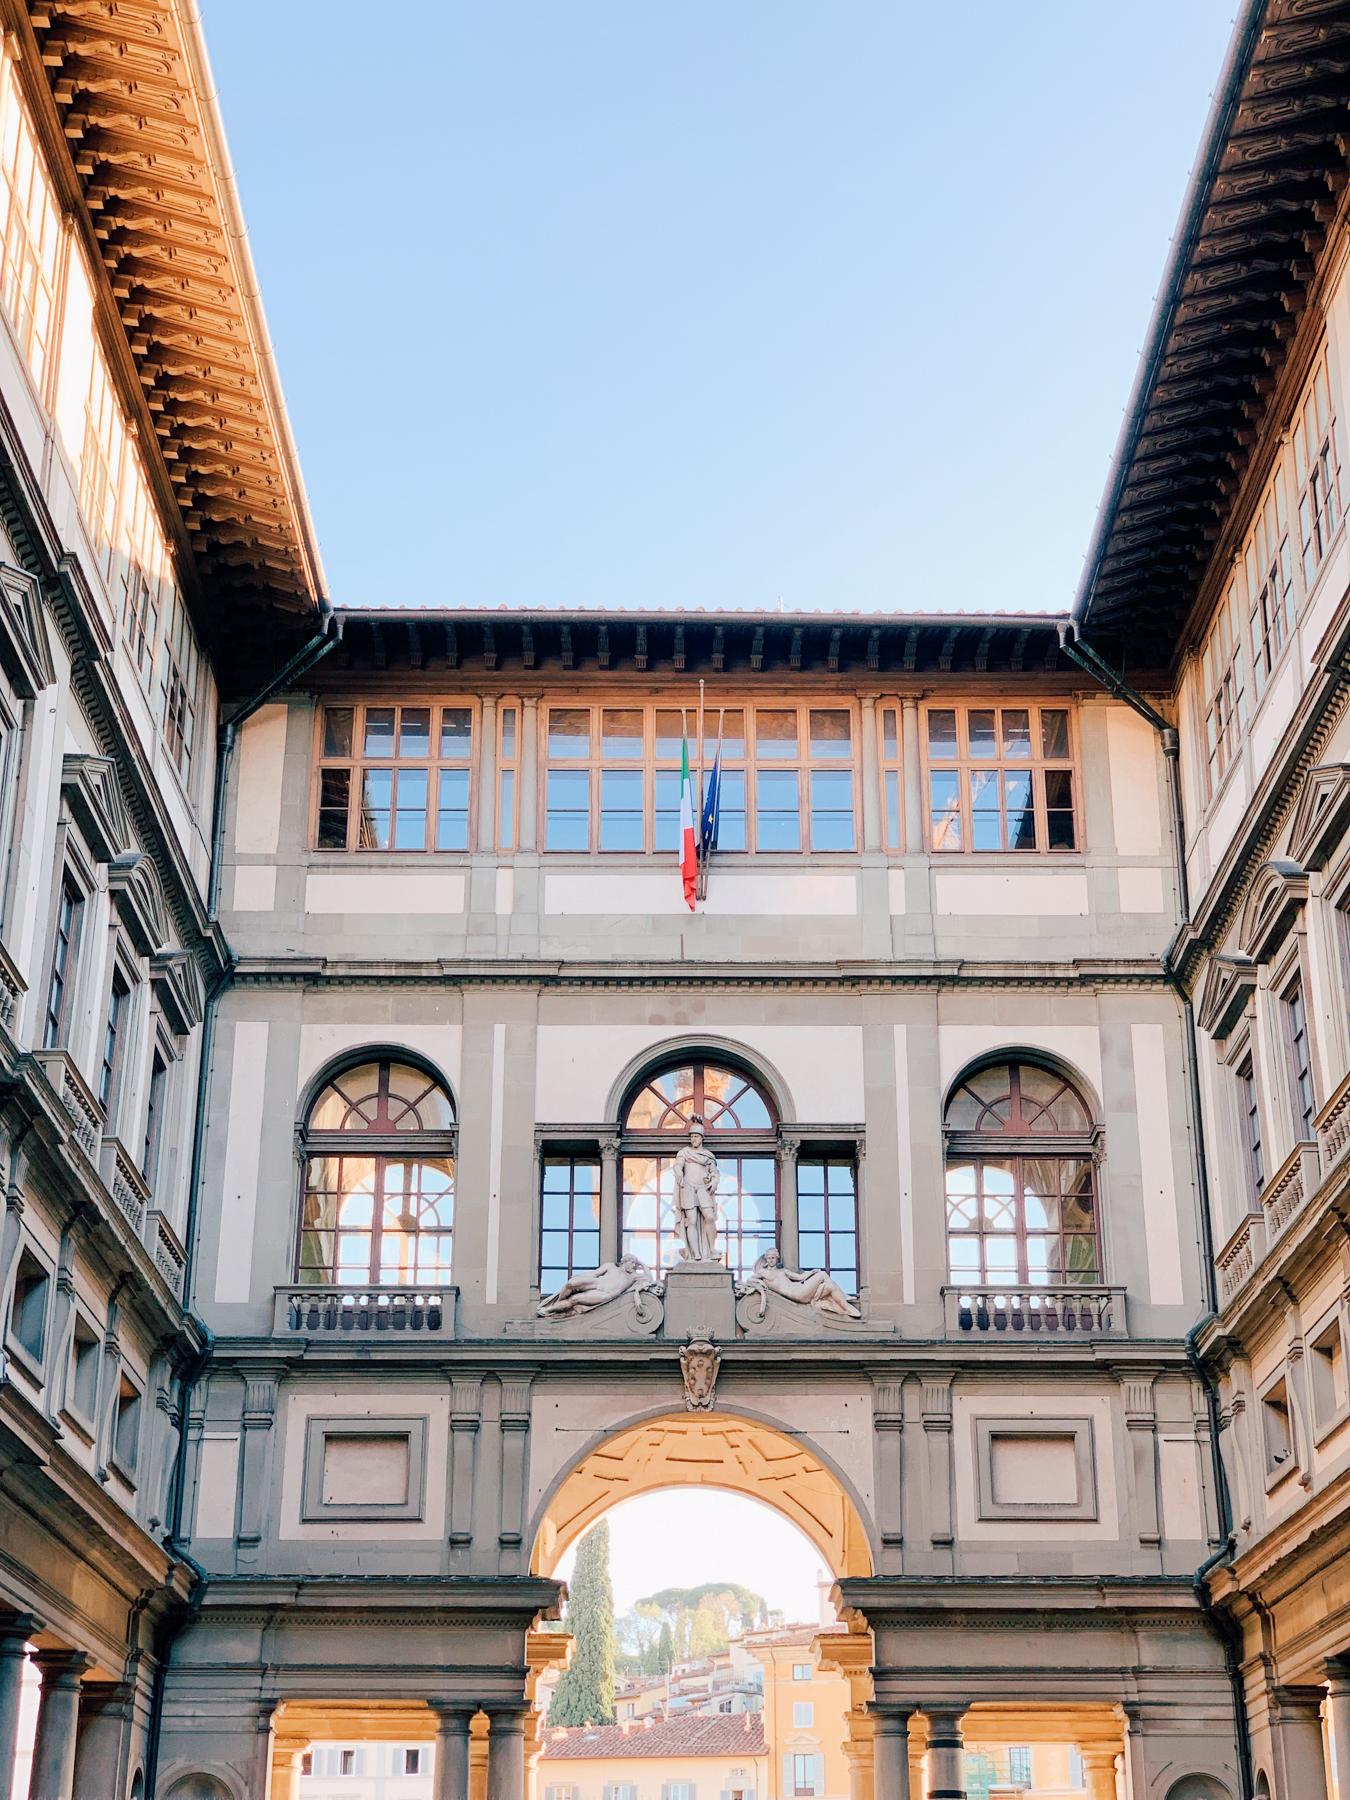 Piazzale delgi Uffizi